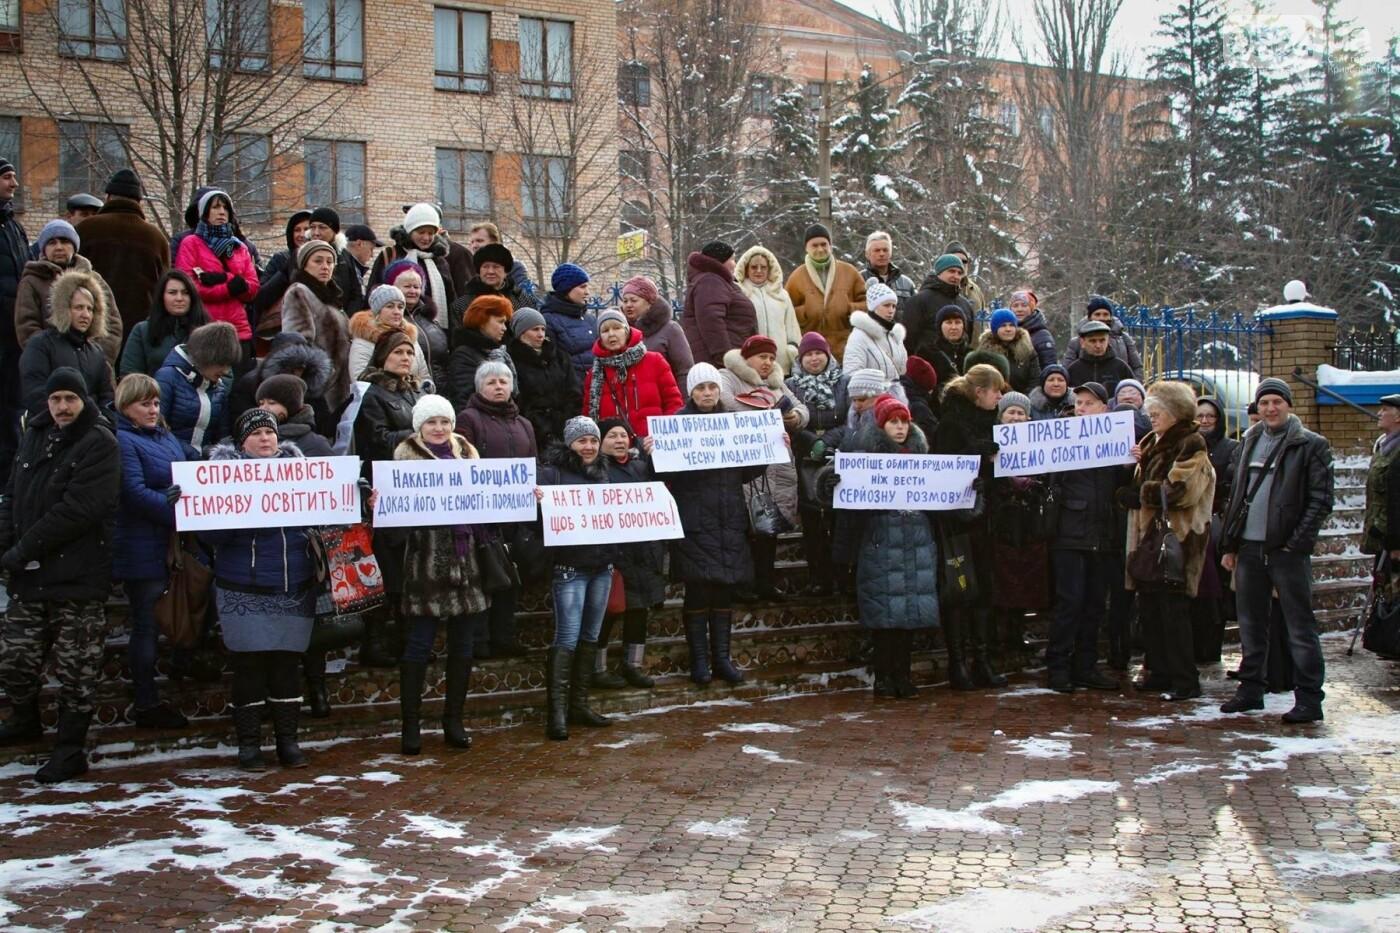 """""""За праве діло - будемо стояти сміло!"""": сотрудники КривбасПВС продолжают отстаивать госпредприятие и главного инженера  (ФОТО, ВИДЕО), фото-11"""